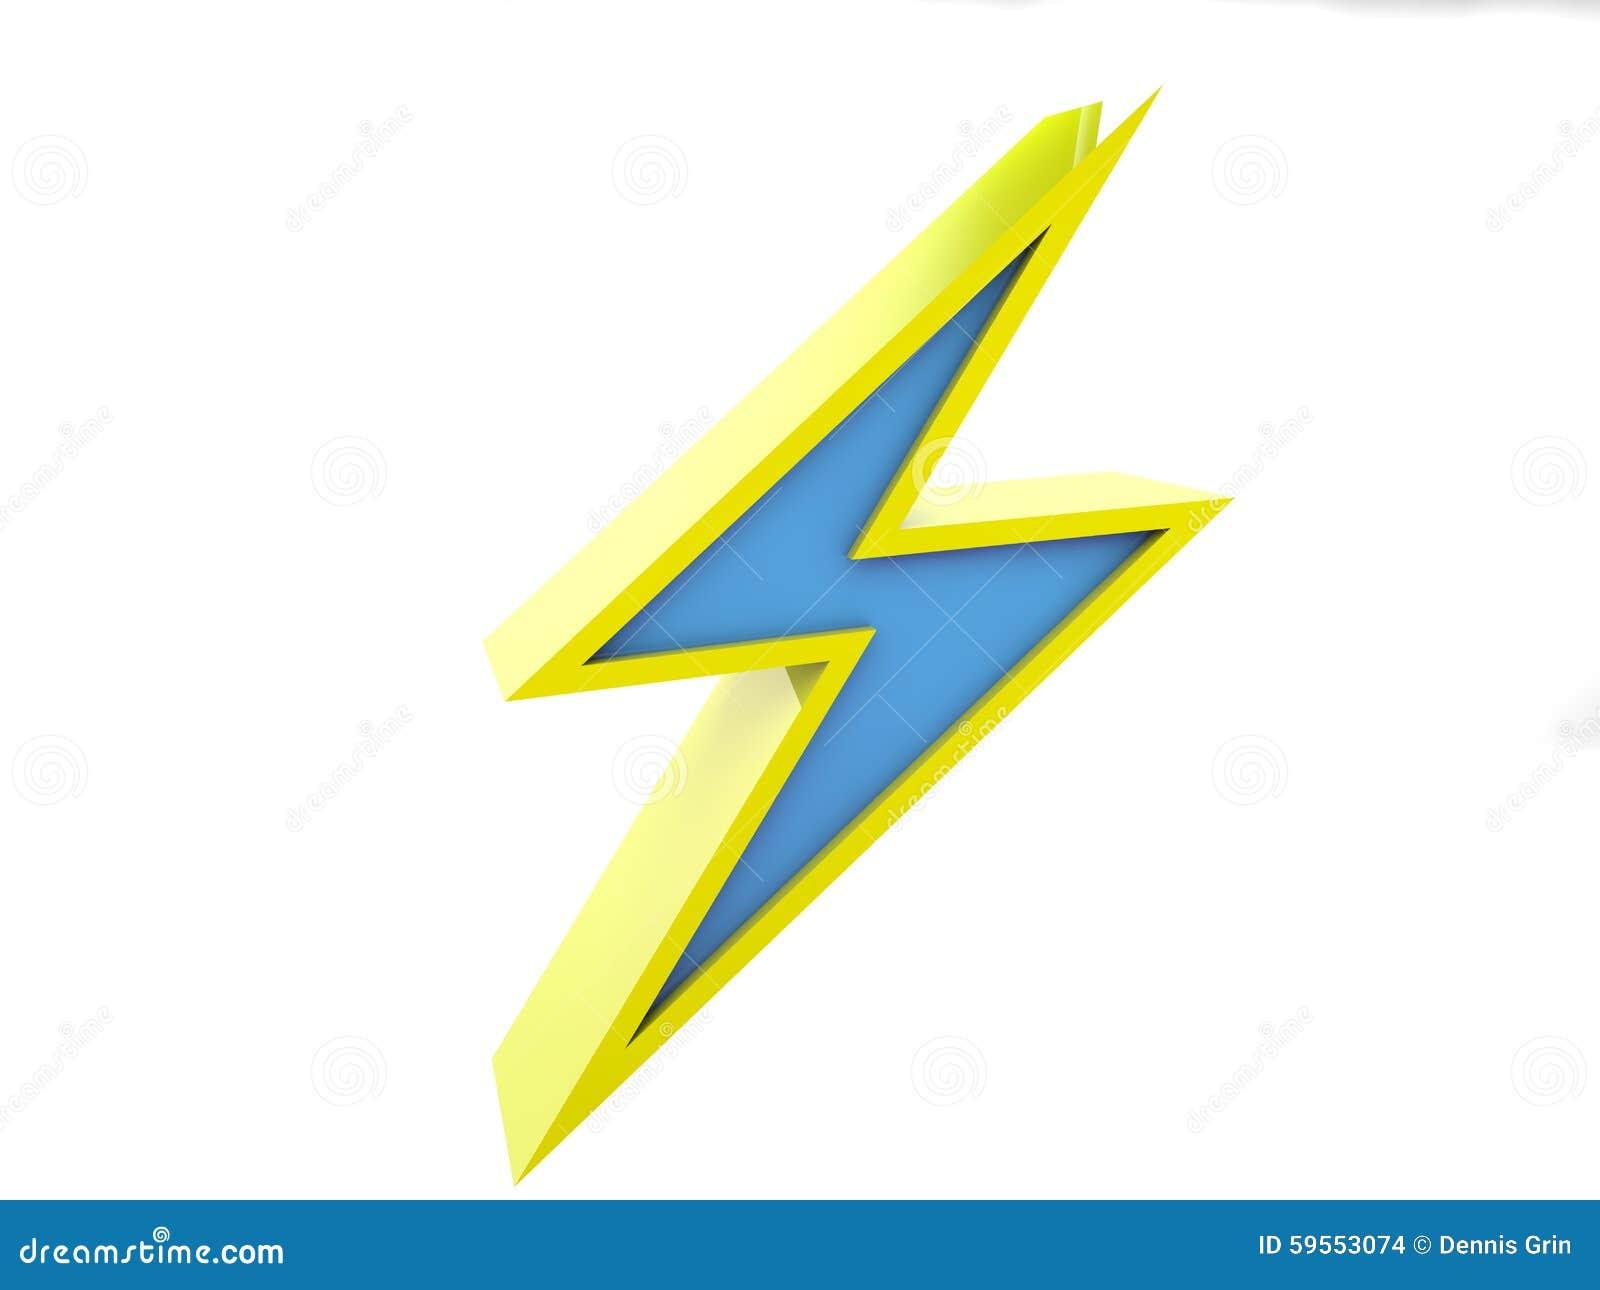 Erfreut Stromzeichen Fotos - Die Besten Elektrischen Schaltplan ...